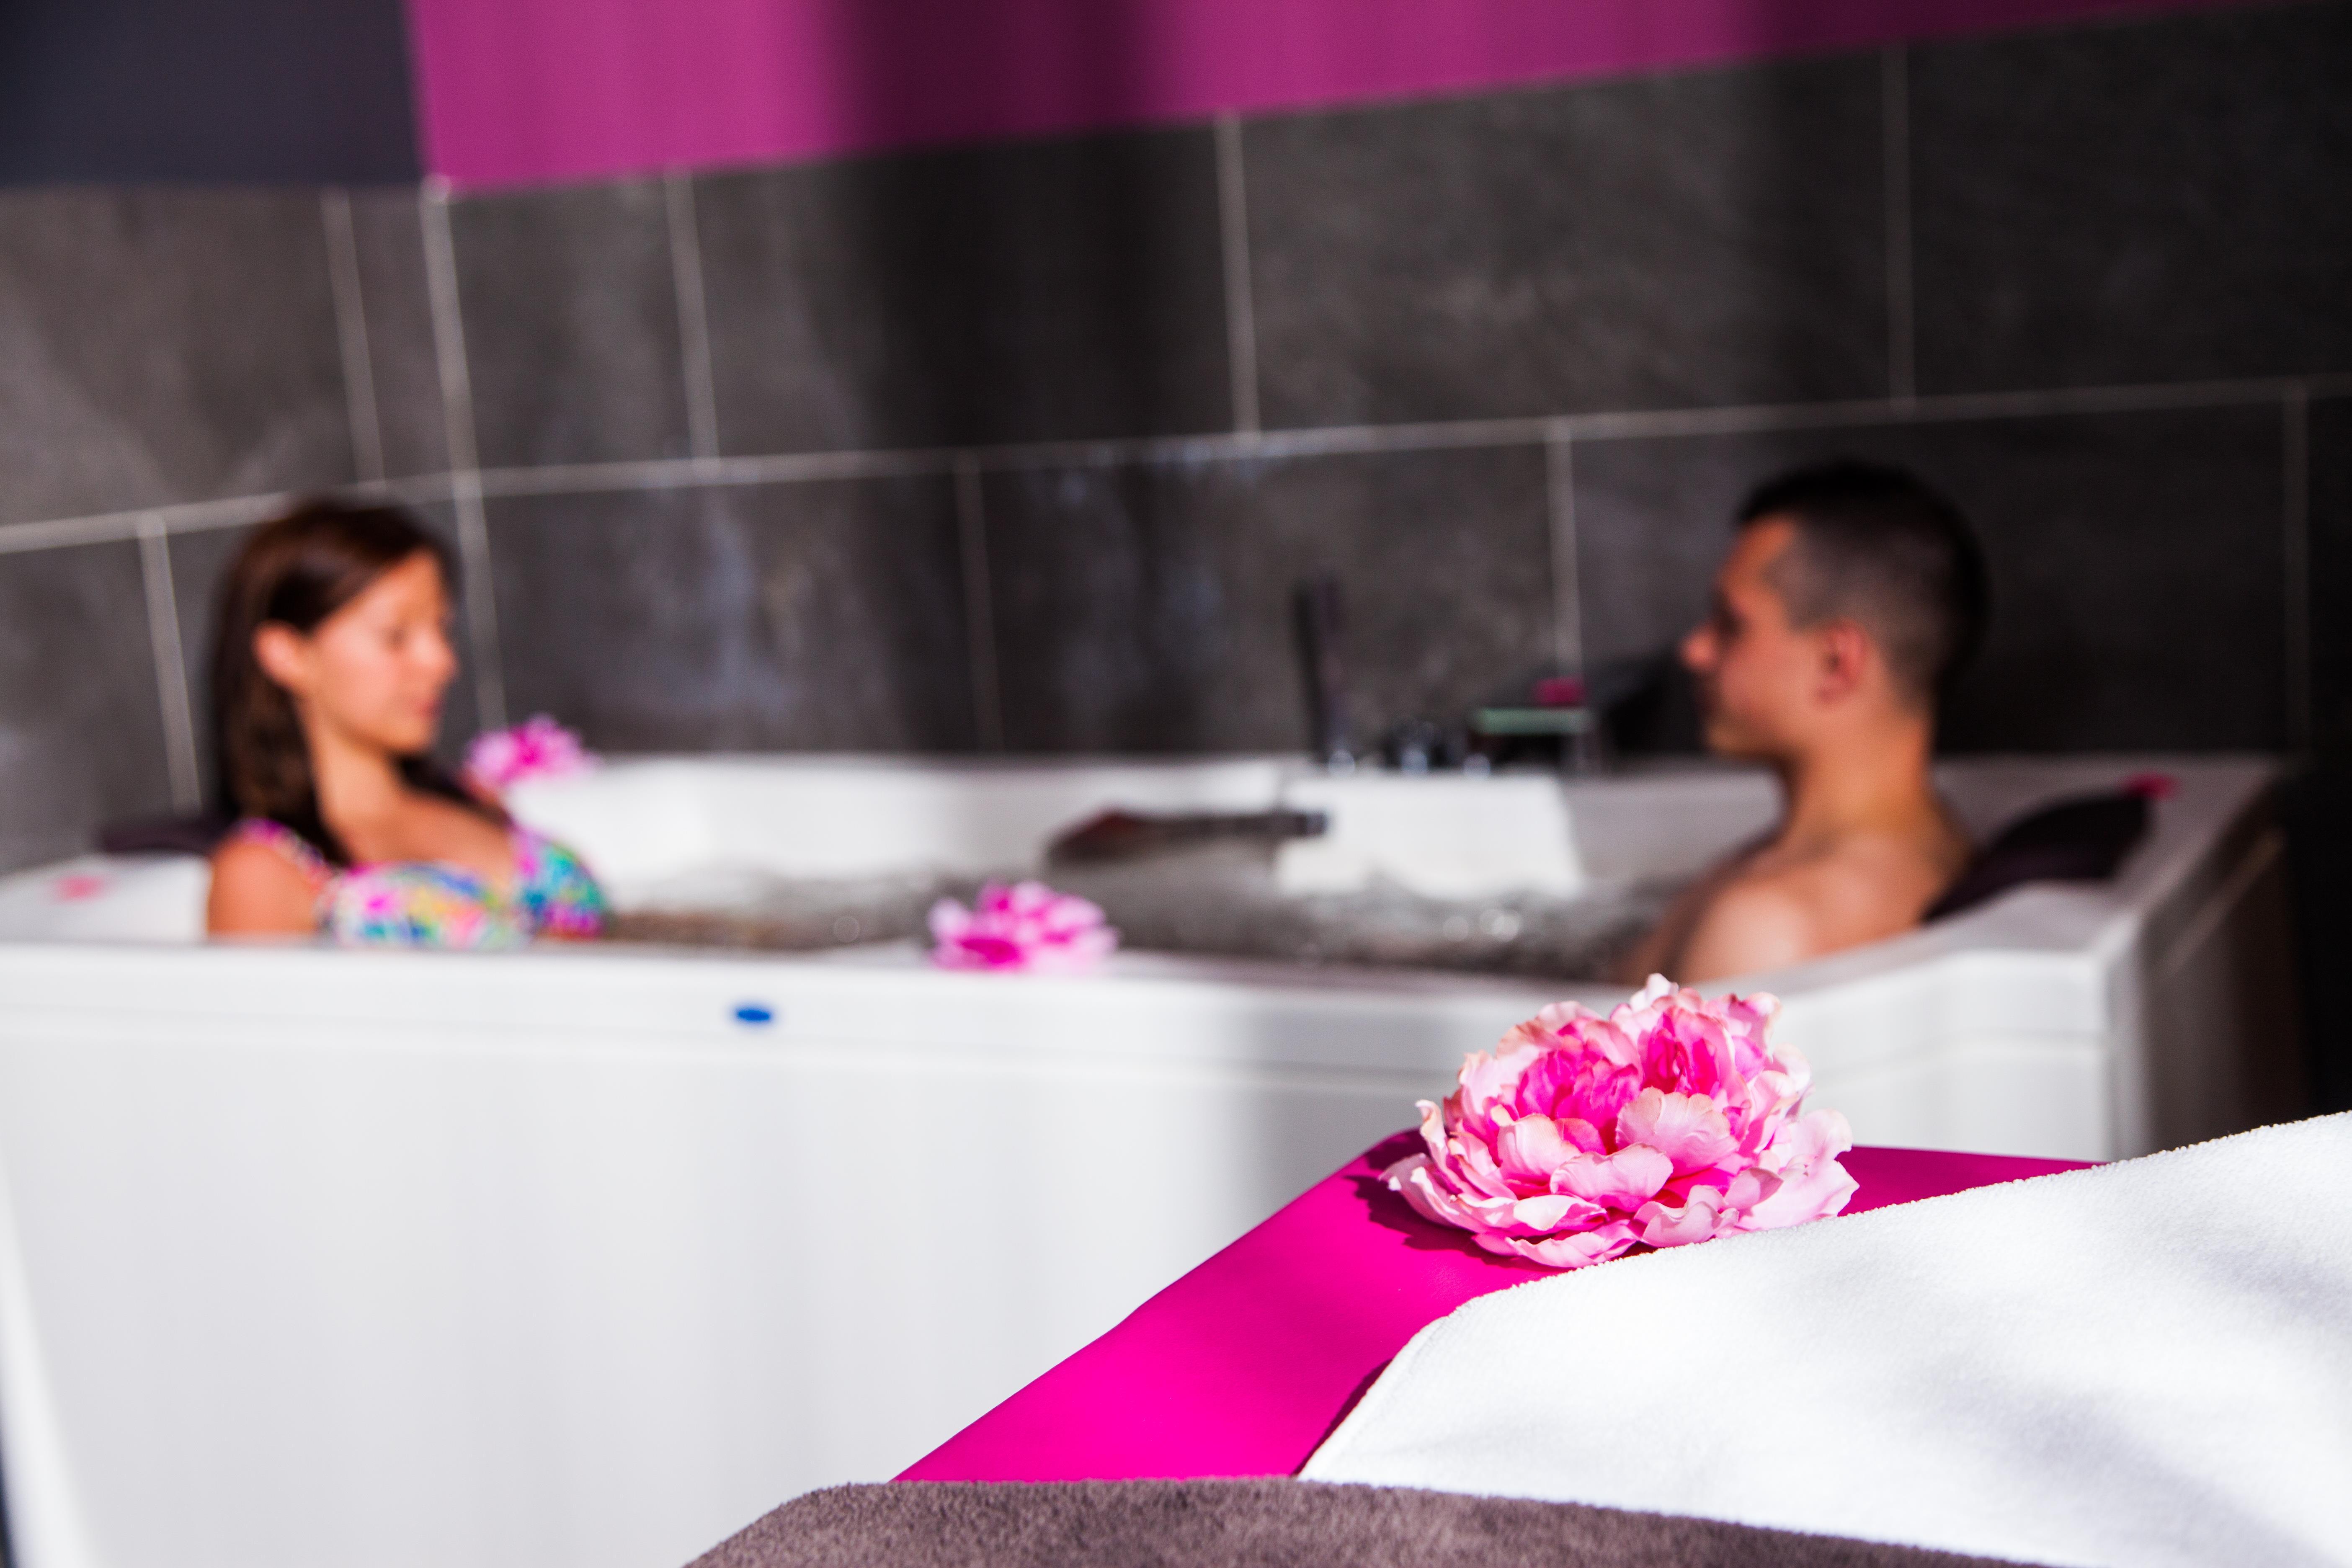 Area de SPA Recreacion en pareja Relajese en vacaciones